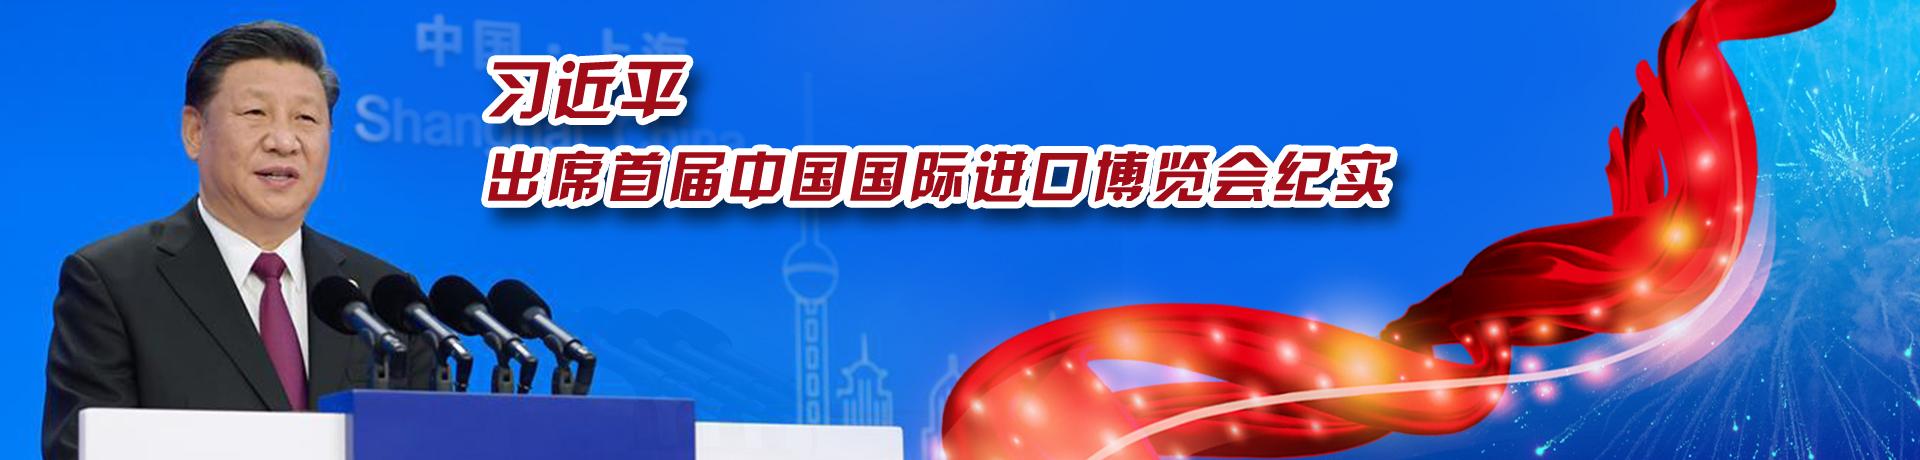 习近平出席首届中国国际进口博览会纪实